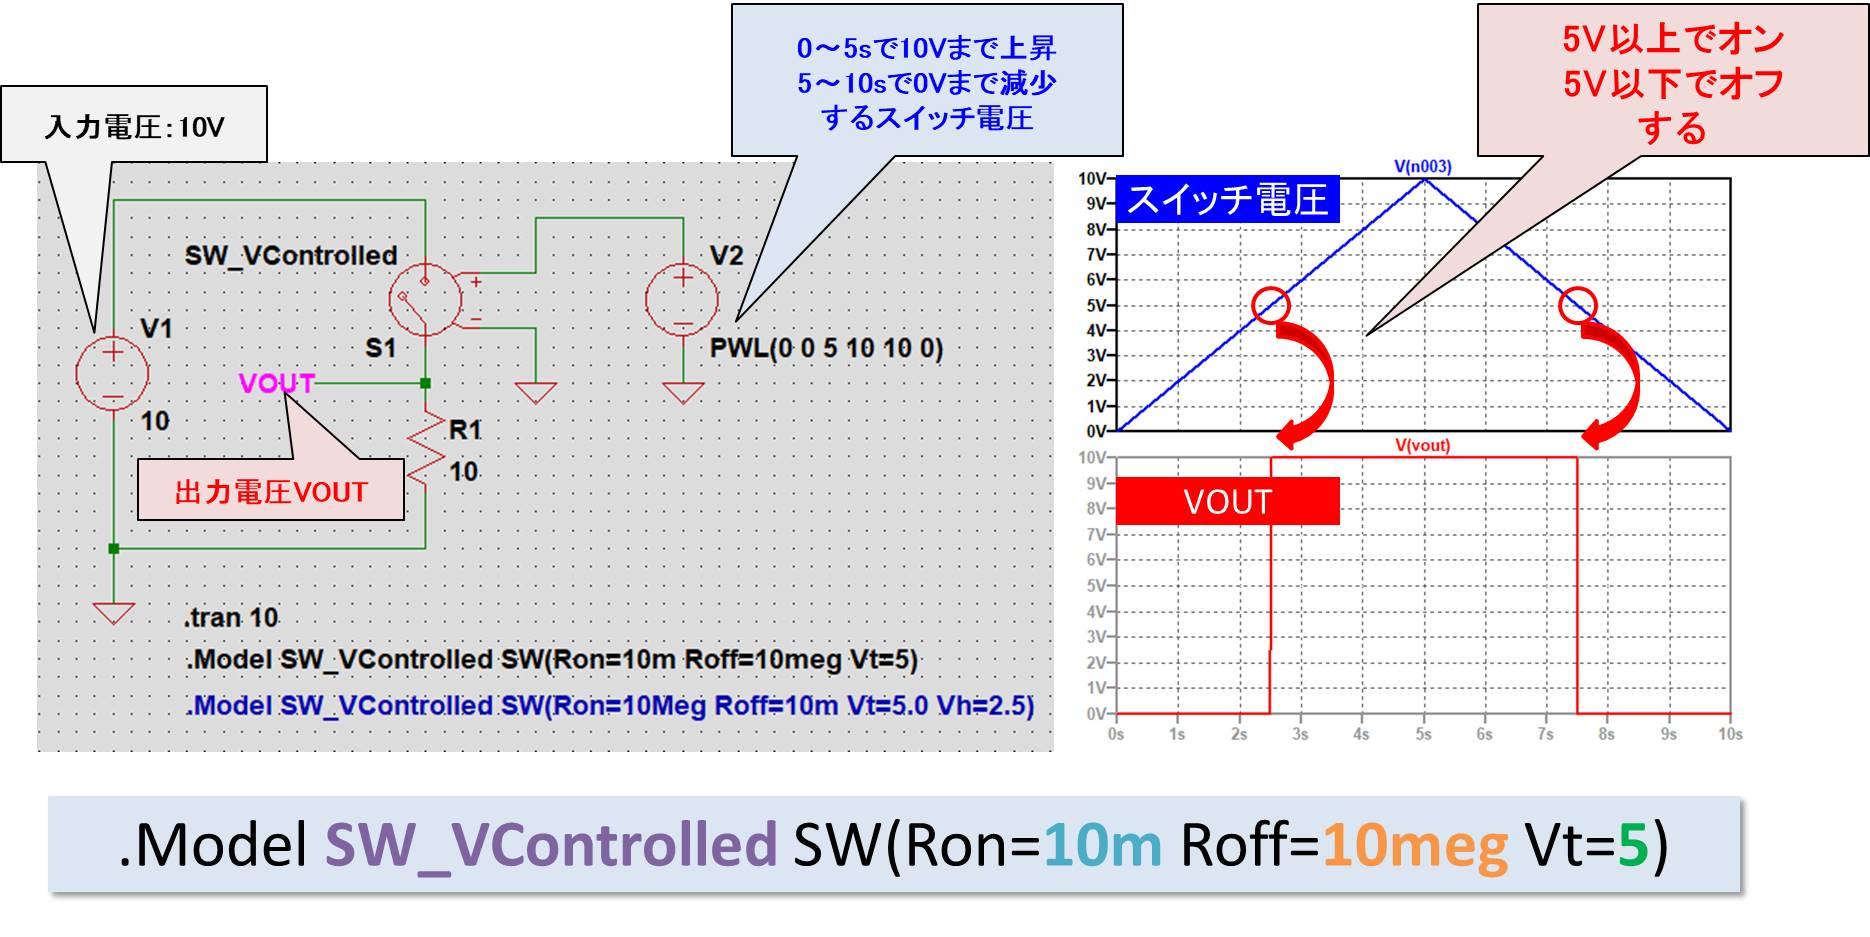 電圧制御スイッチに三角波電圧を印可する